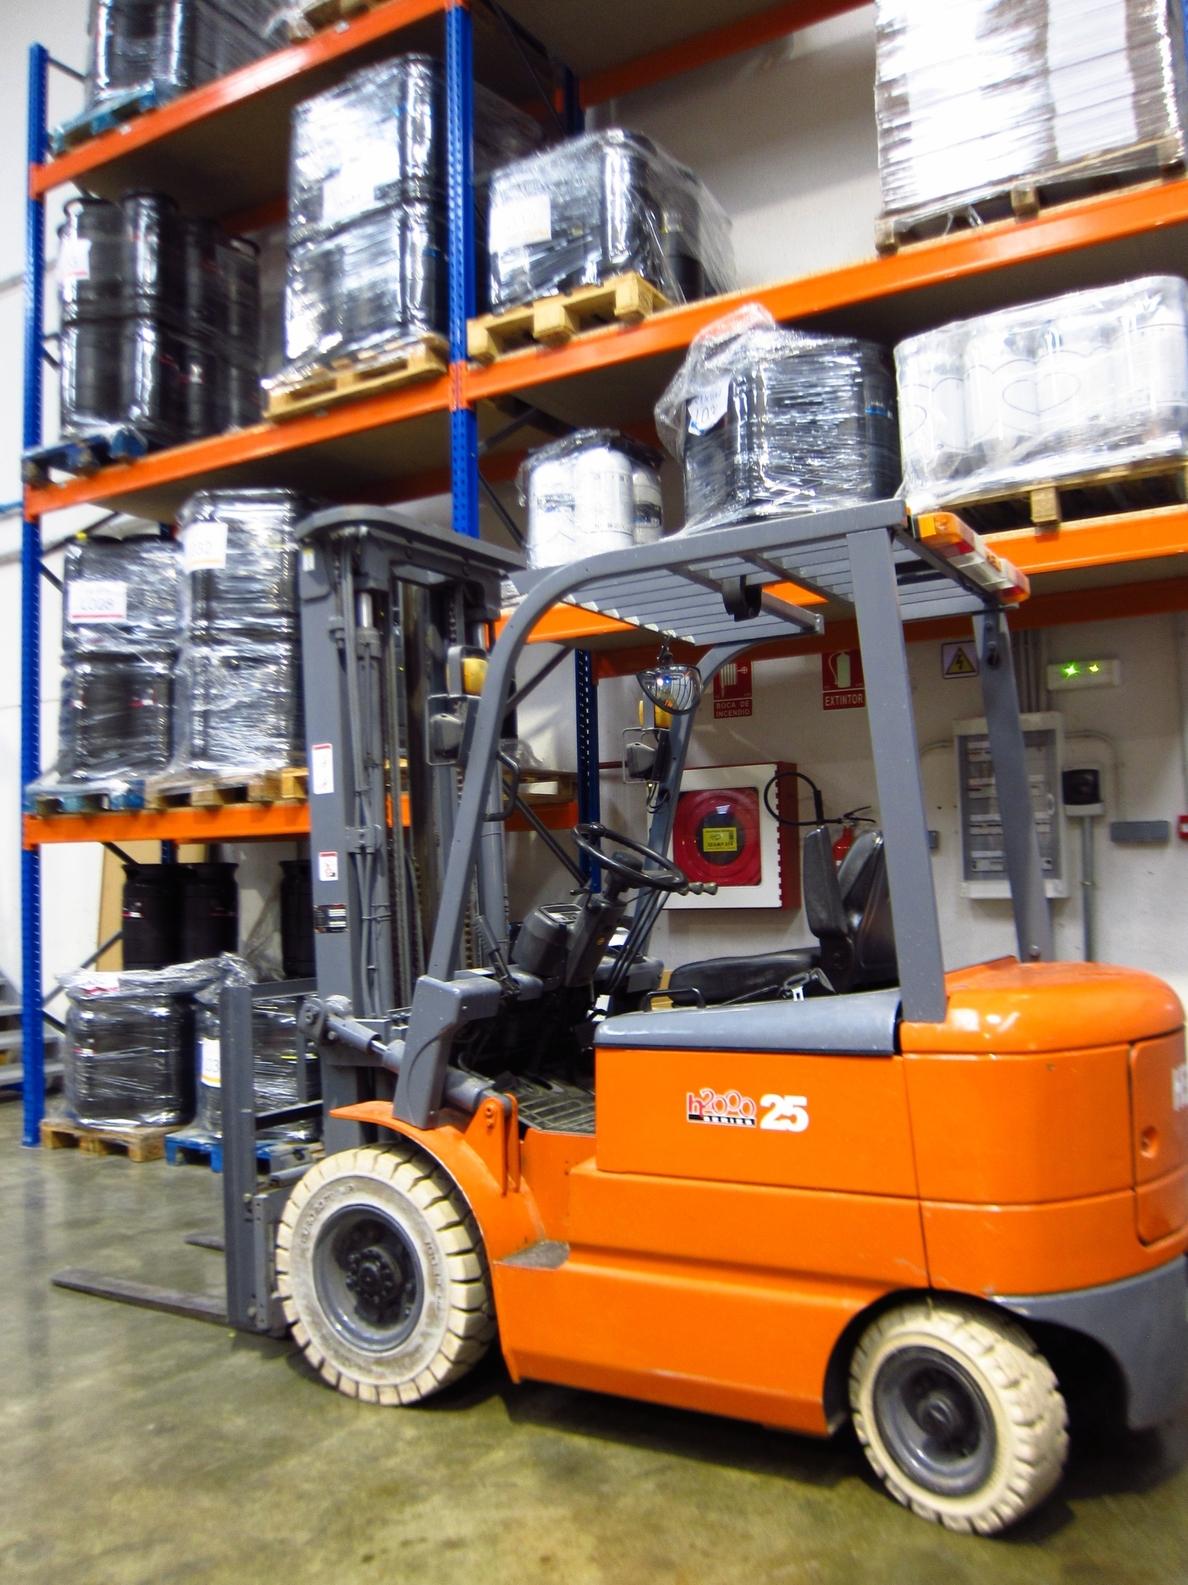 La entrada de pedidos industriales aumenta un 2,3% en C-LM en el mes de mayo